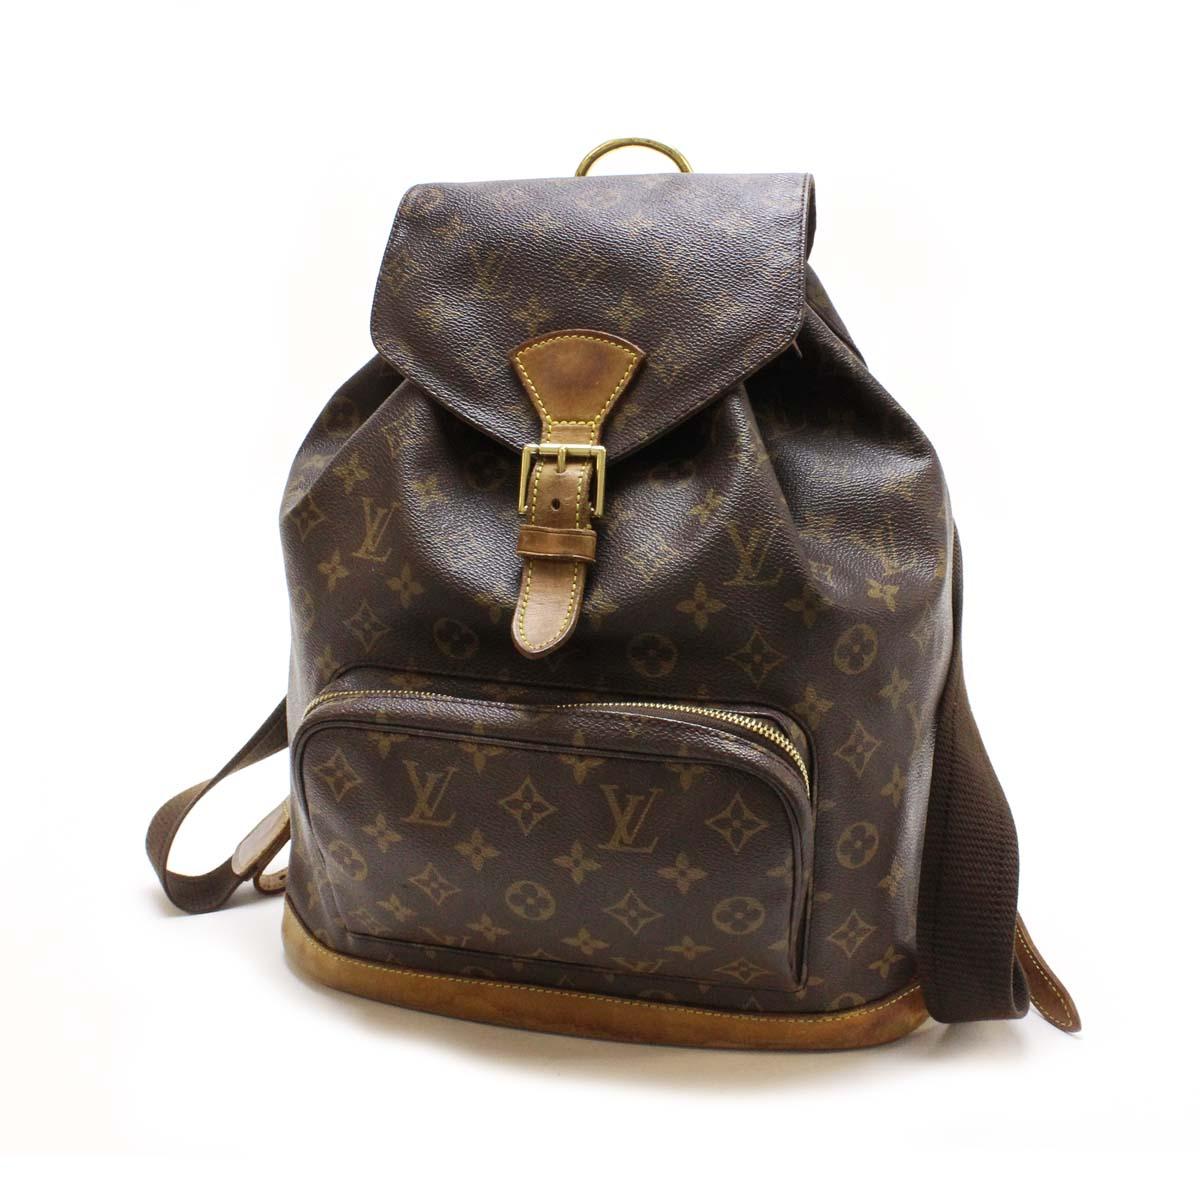 98e9978c914d Louis Vuitton Montsouris GM Backpack LV Size one size - Bags ...